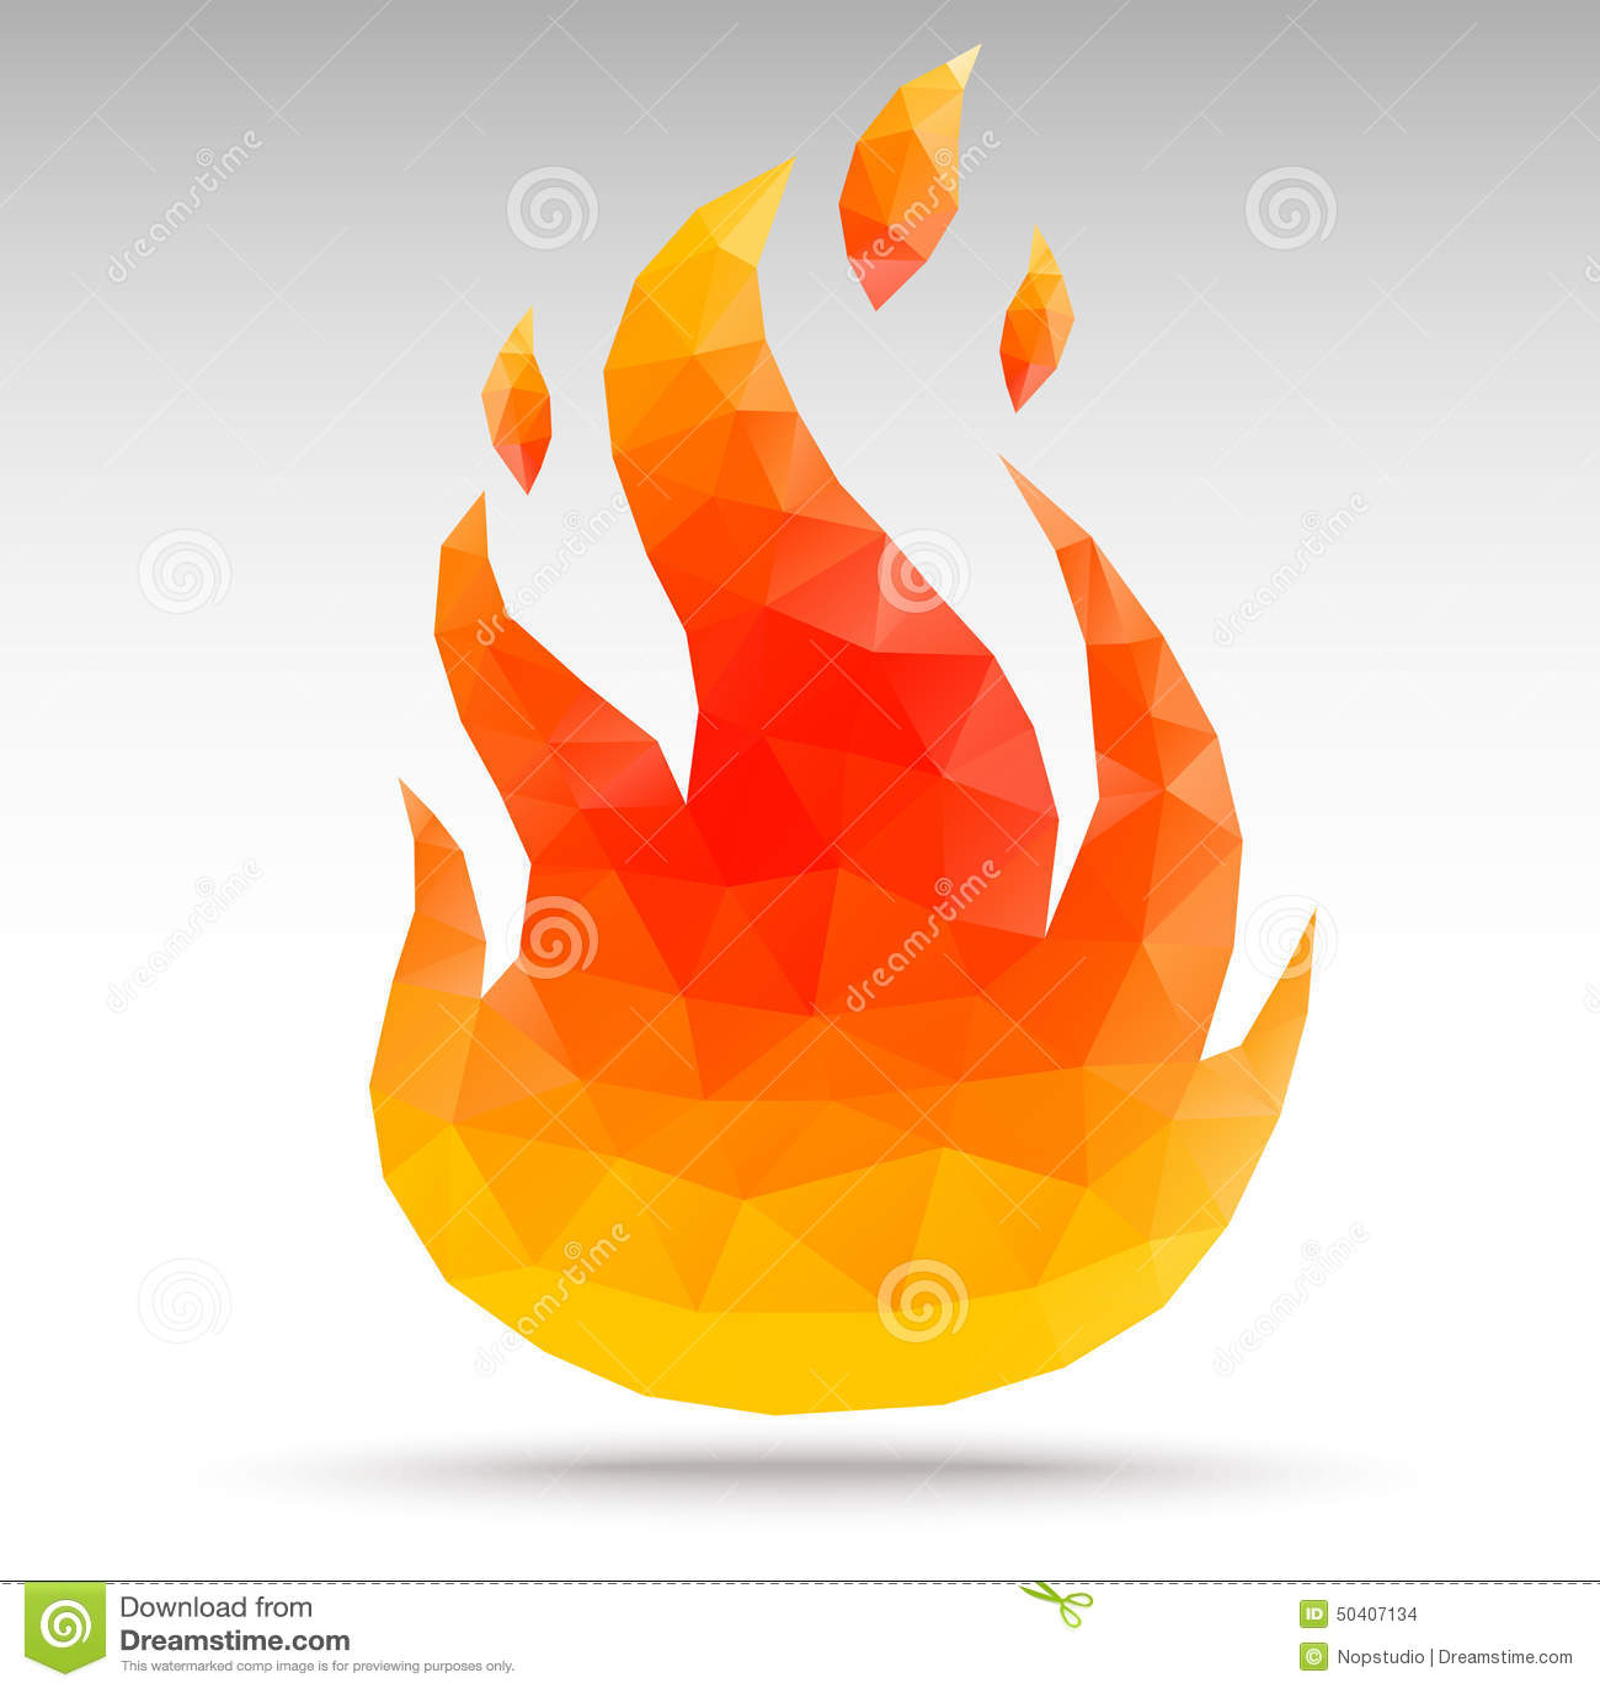 Blaze audio